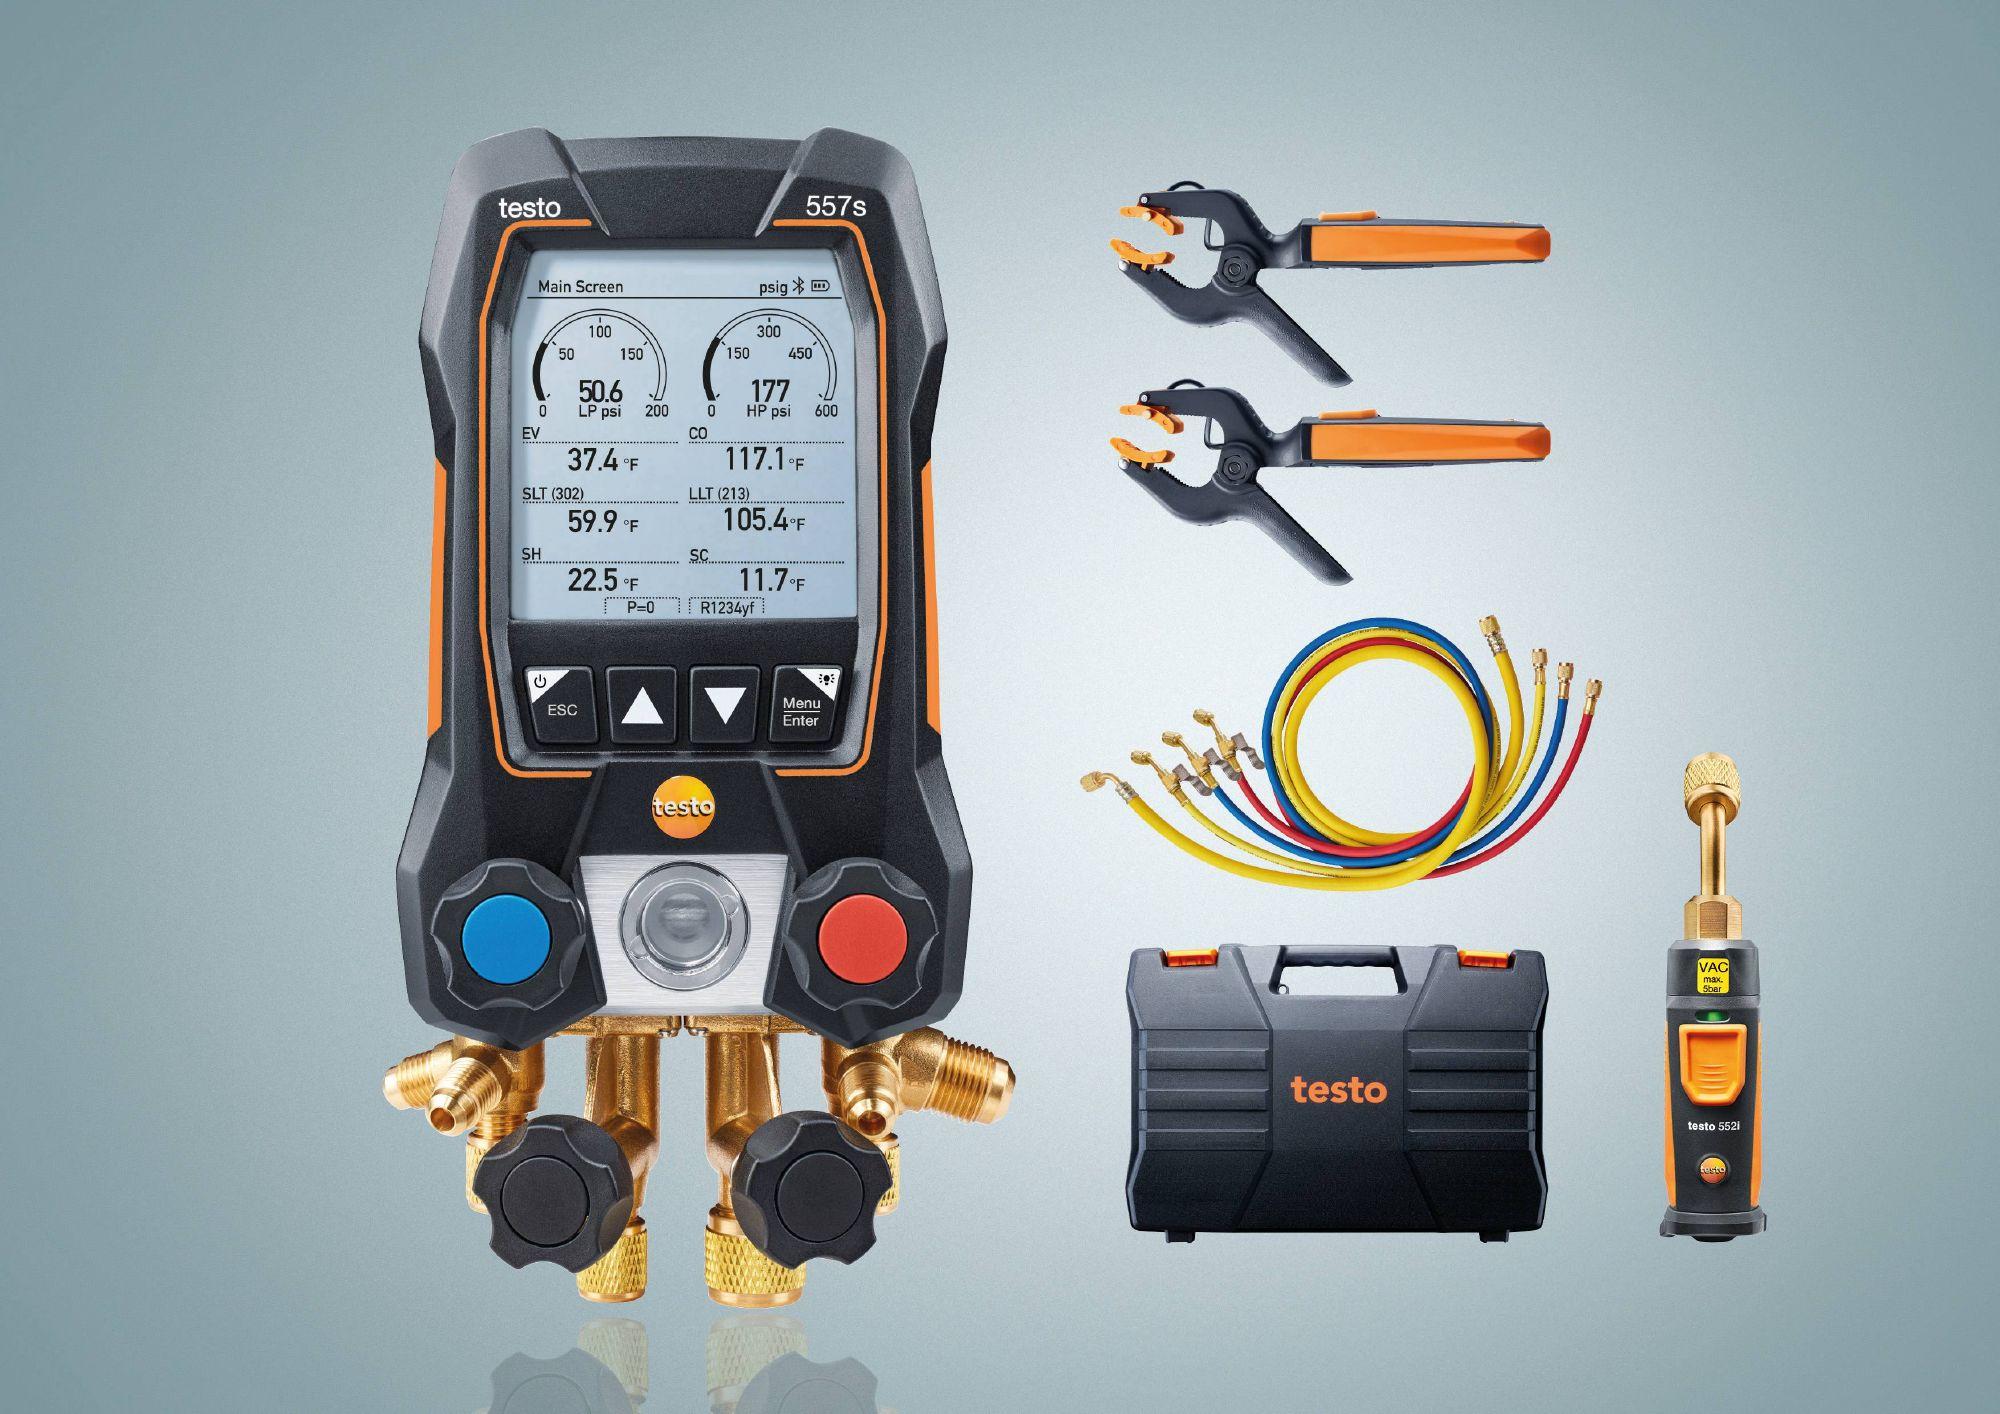 0564-5572-01-557s-Smart-Kit-hoses-US-proper.jpg